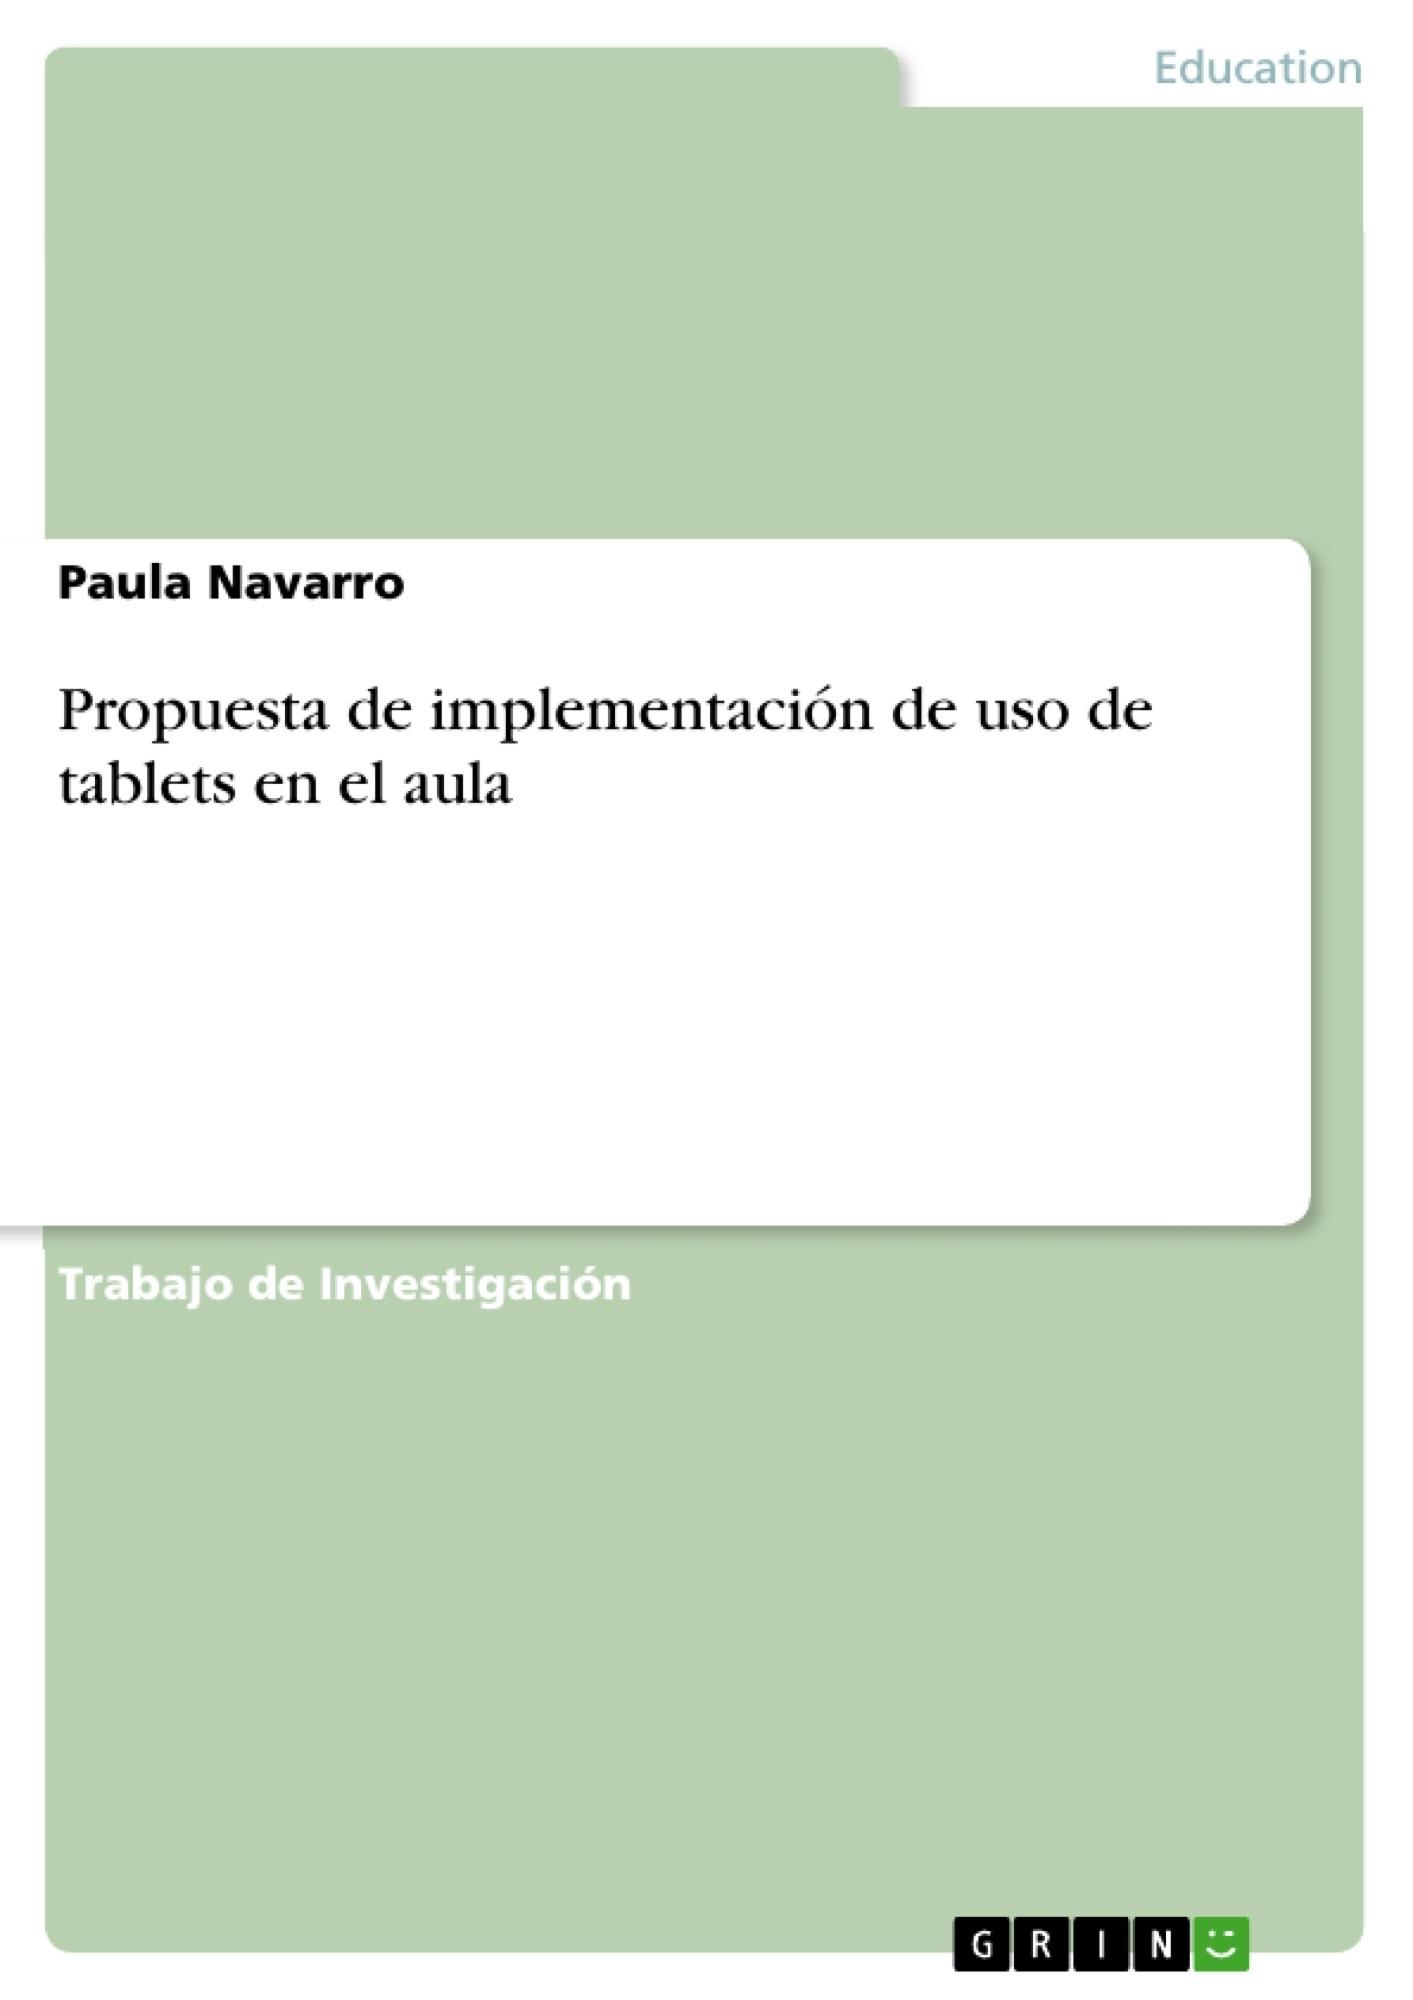 Título: Propuesta de implementación de uso de tablets en el aula